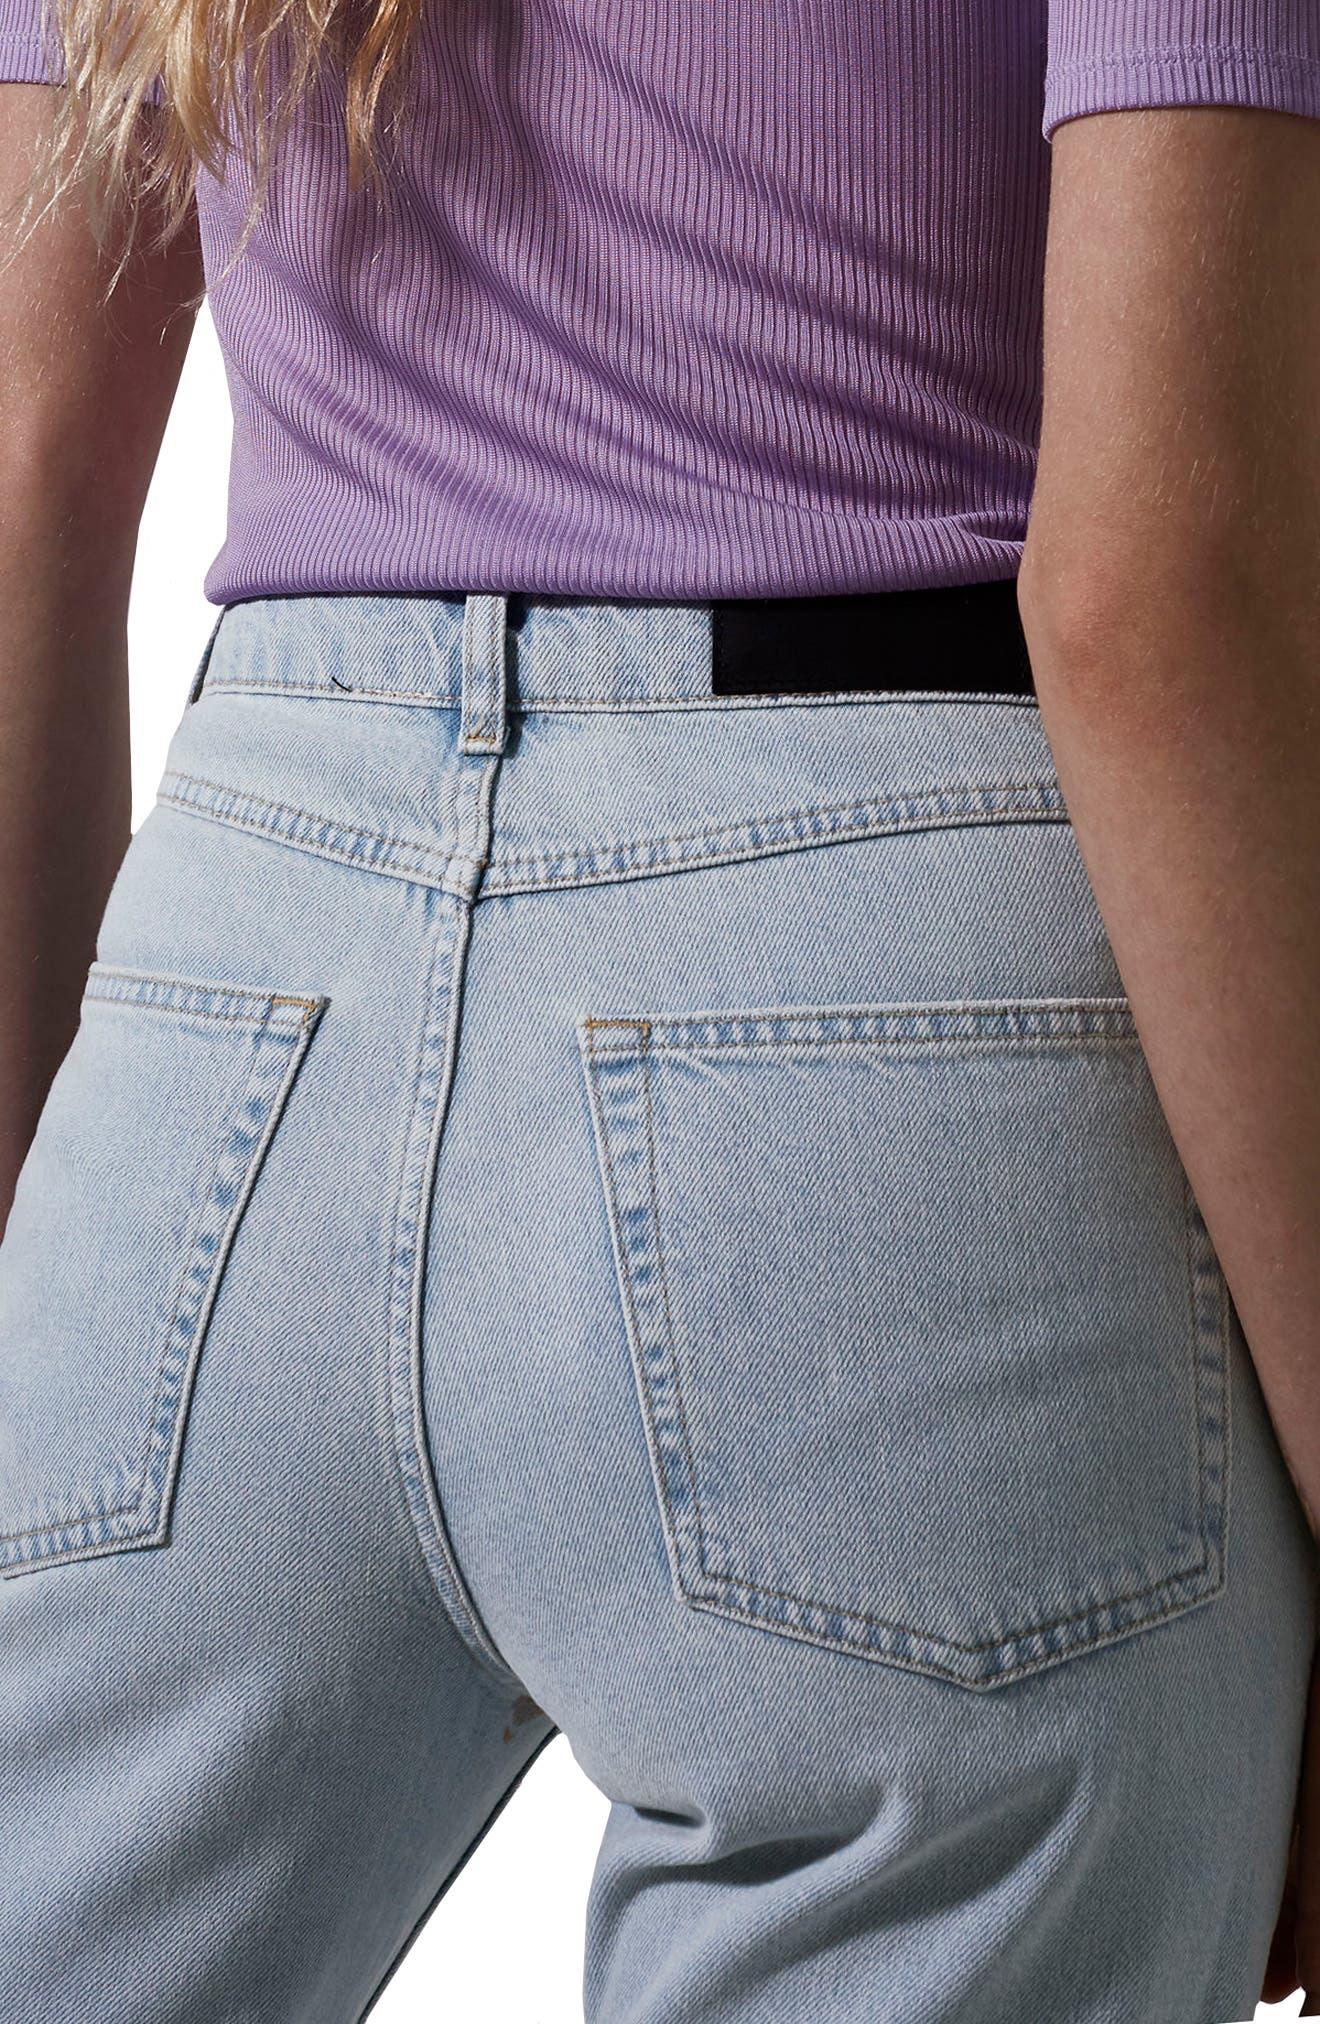 Boutique Bleach Denim Jeans,                             Main thumbnail 1, color,